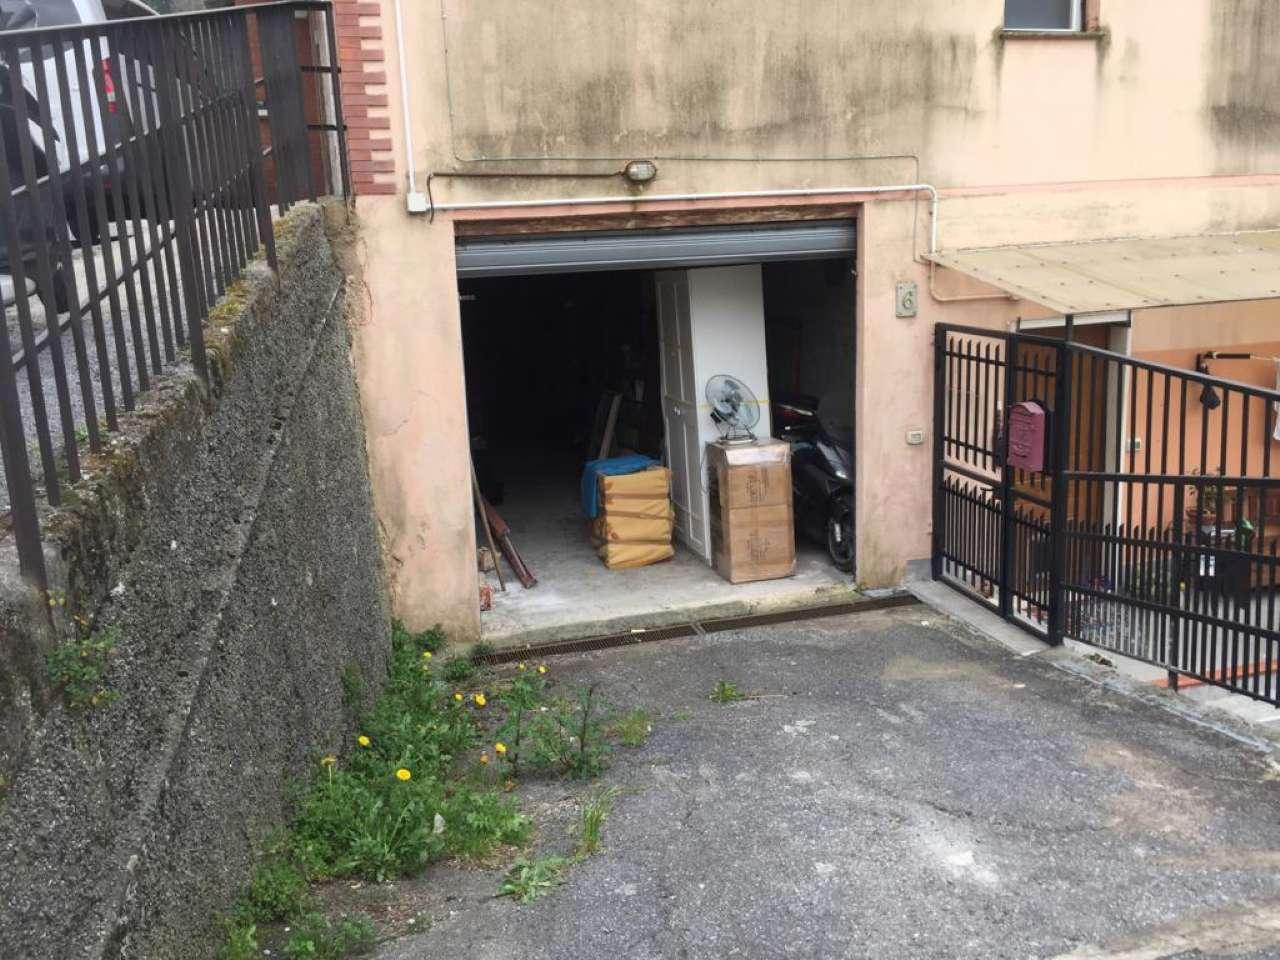 Magazzino in vendita a Serra Riccò, 1 locali, prezzo € 15.000 | PortaleAgenzieImmobiliari.it